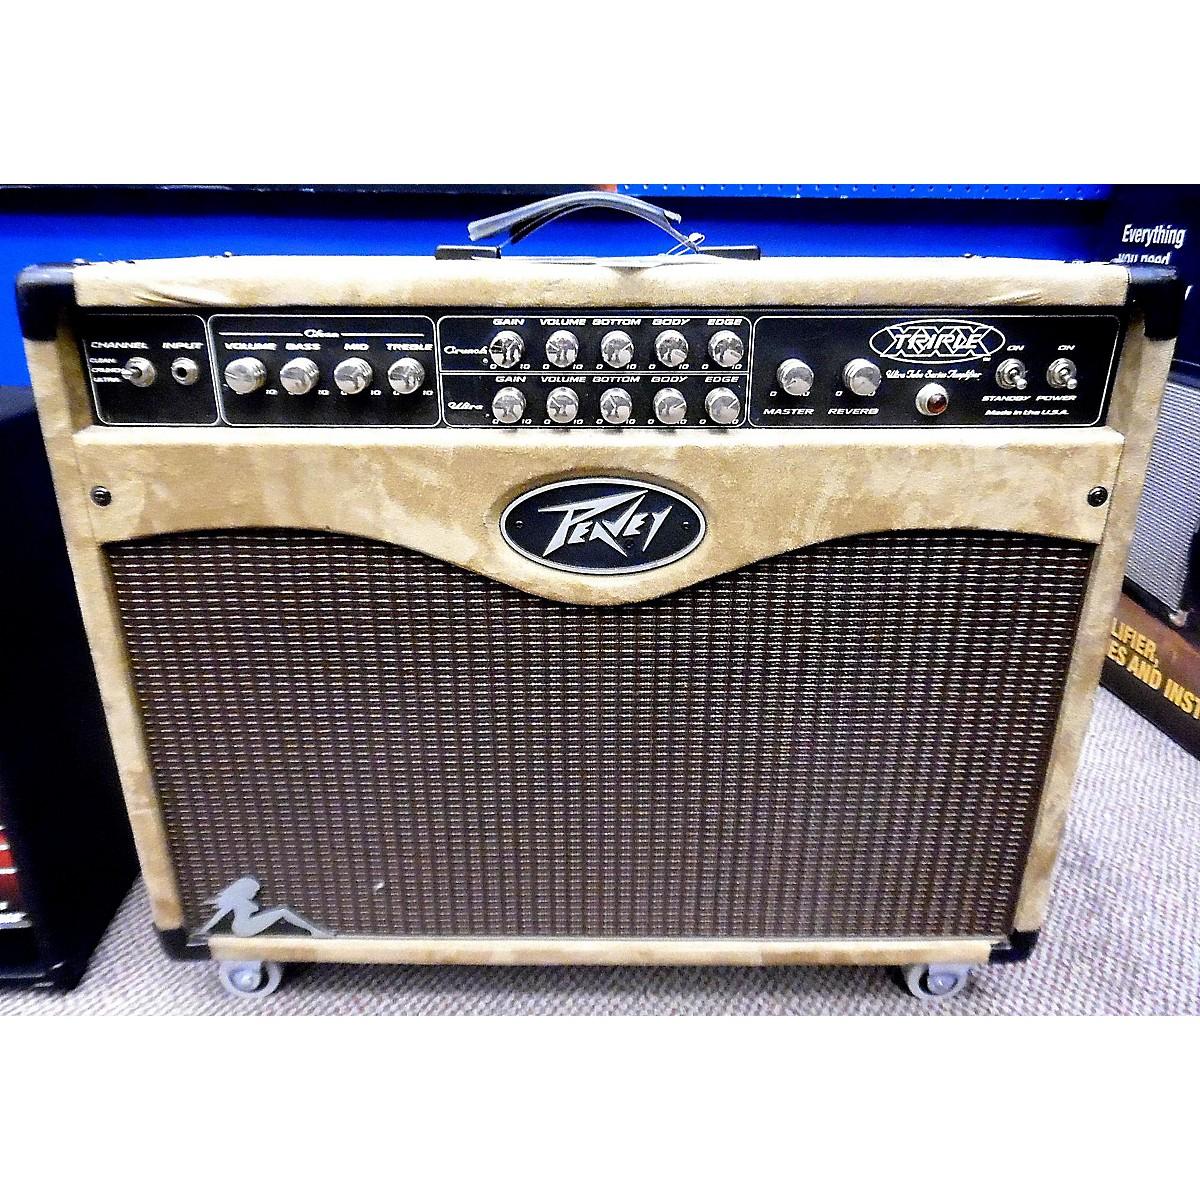 Peavey triple x ii guitar amplifier unleashes all